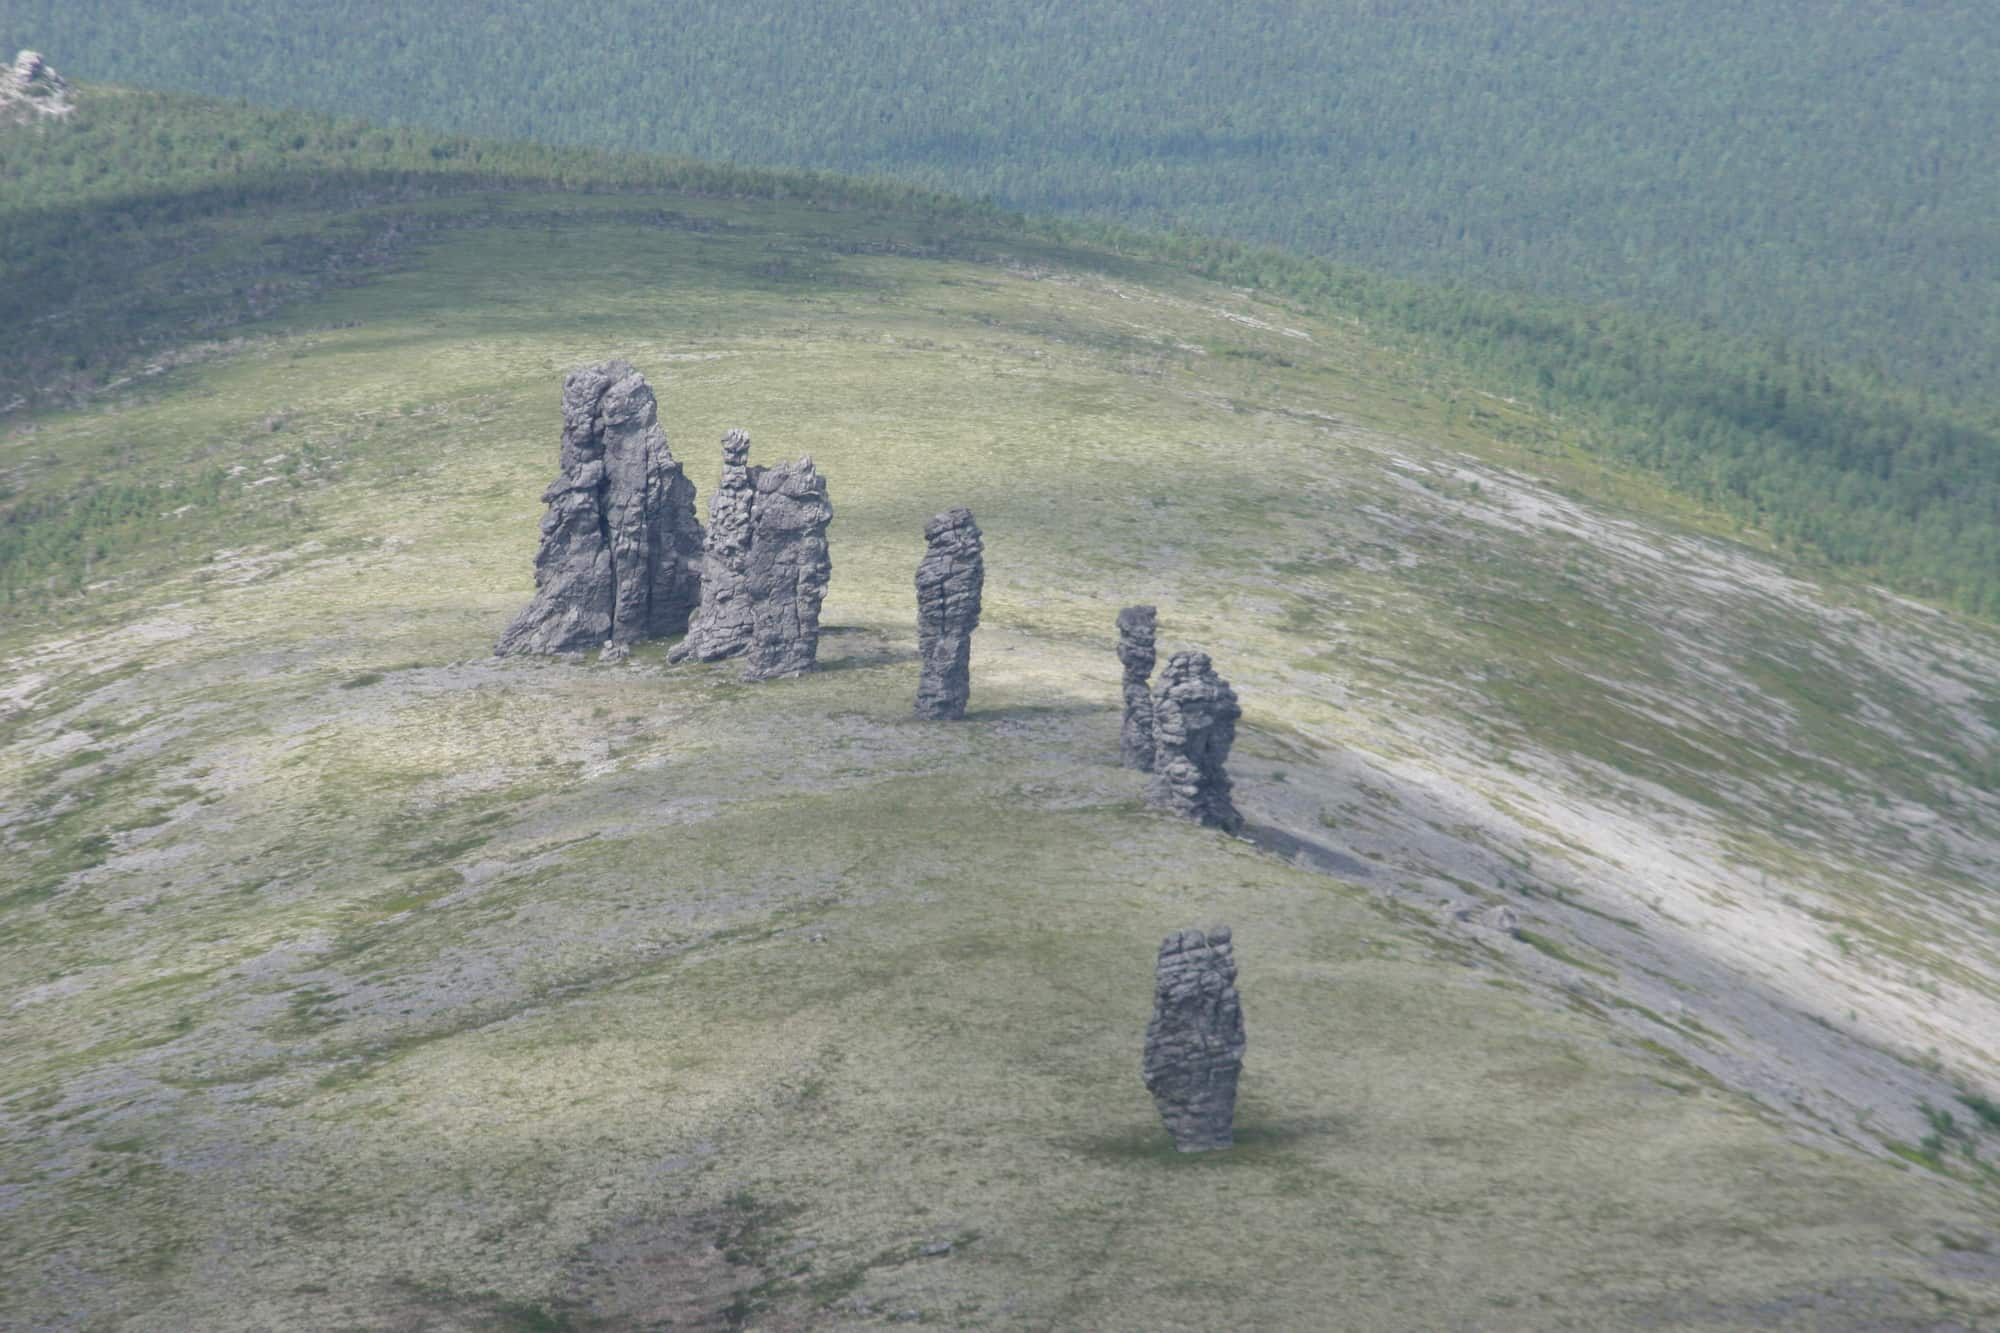 Maň-pupu-ňor (Sedm silných mužů), Koma, Pečoro-ilyčská rezervace